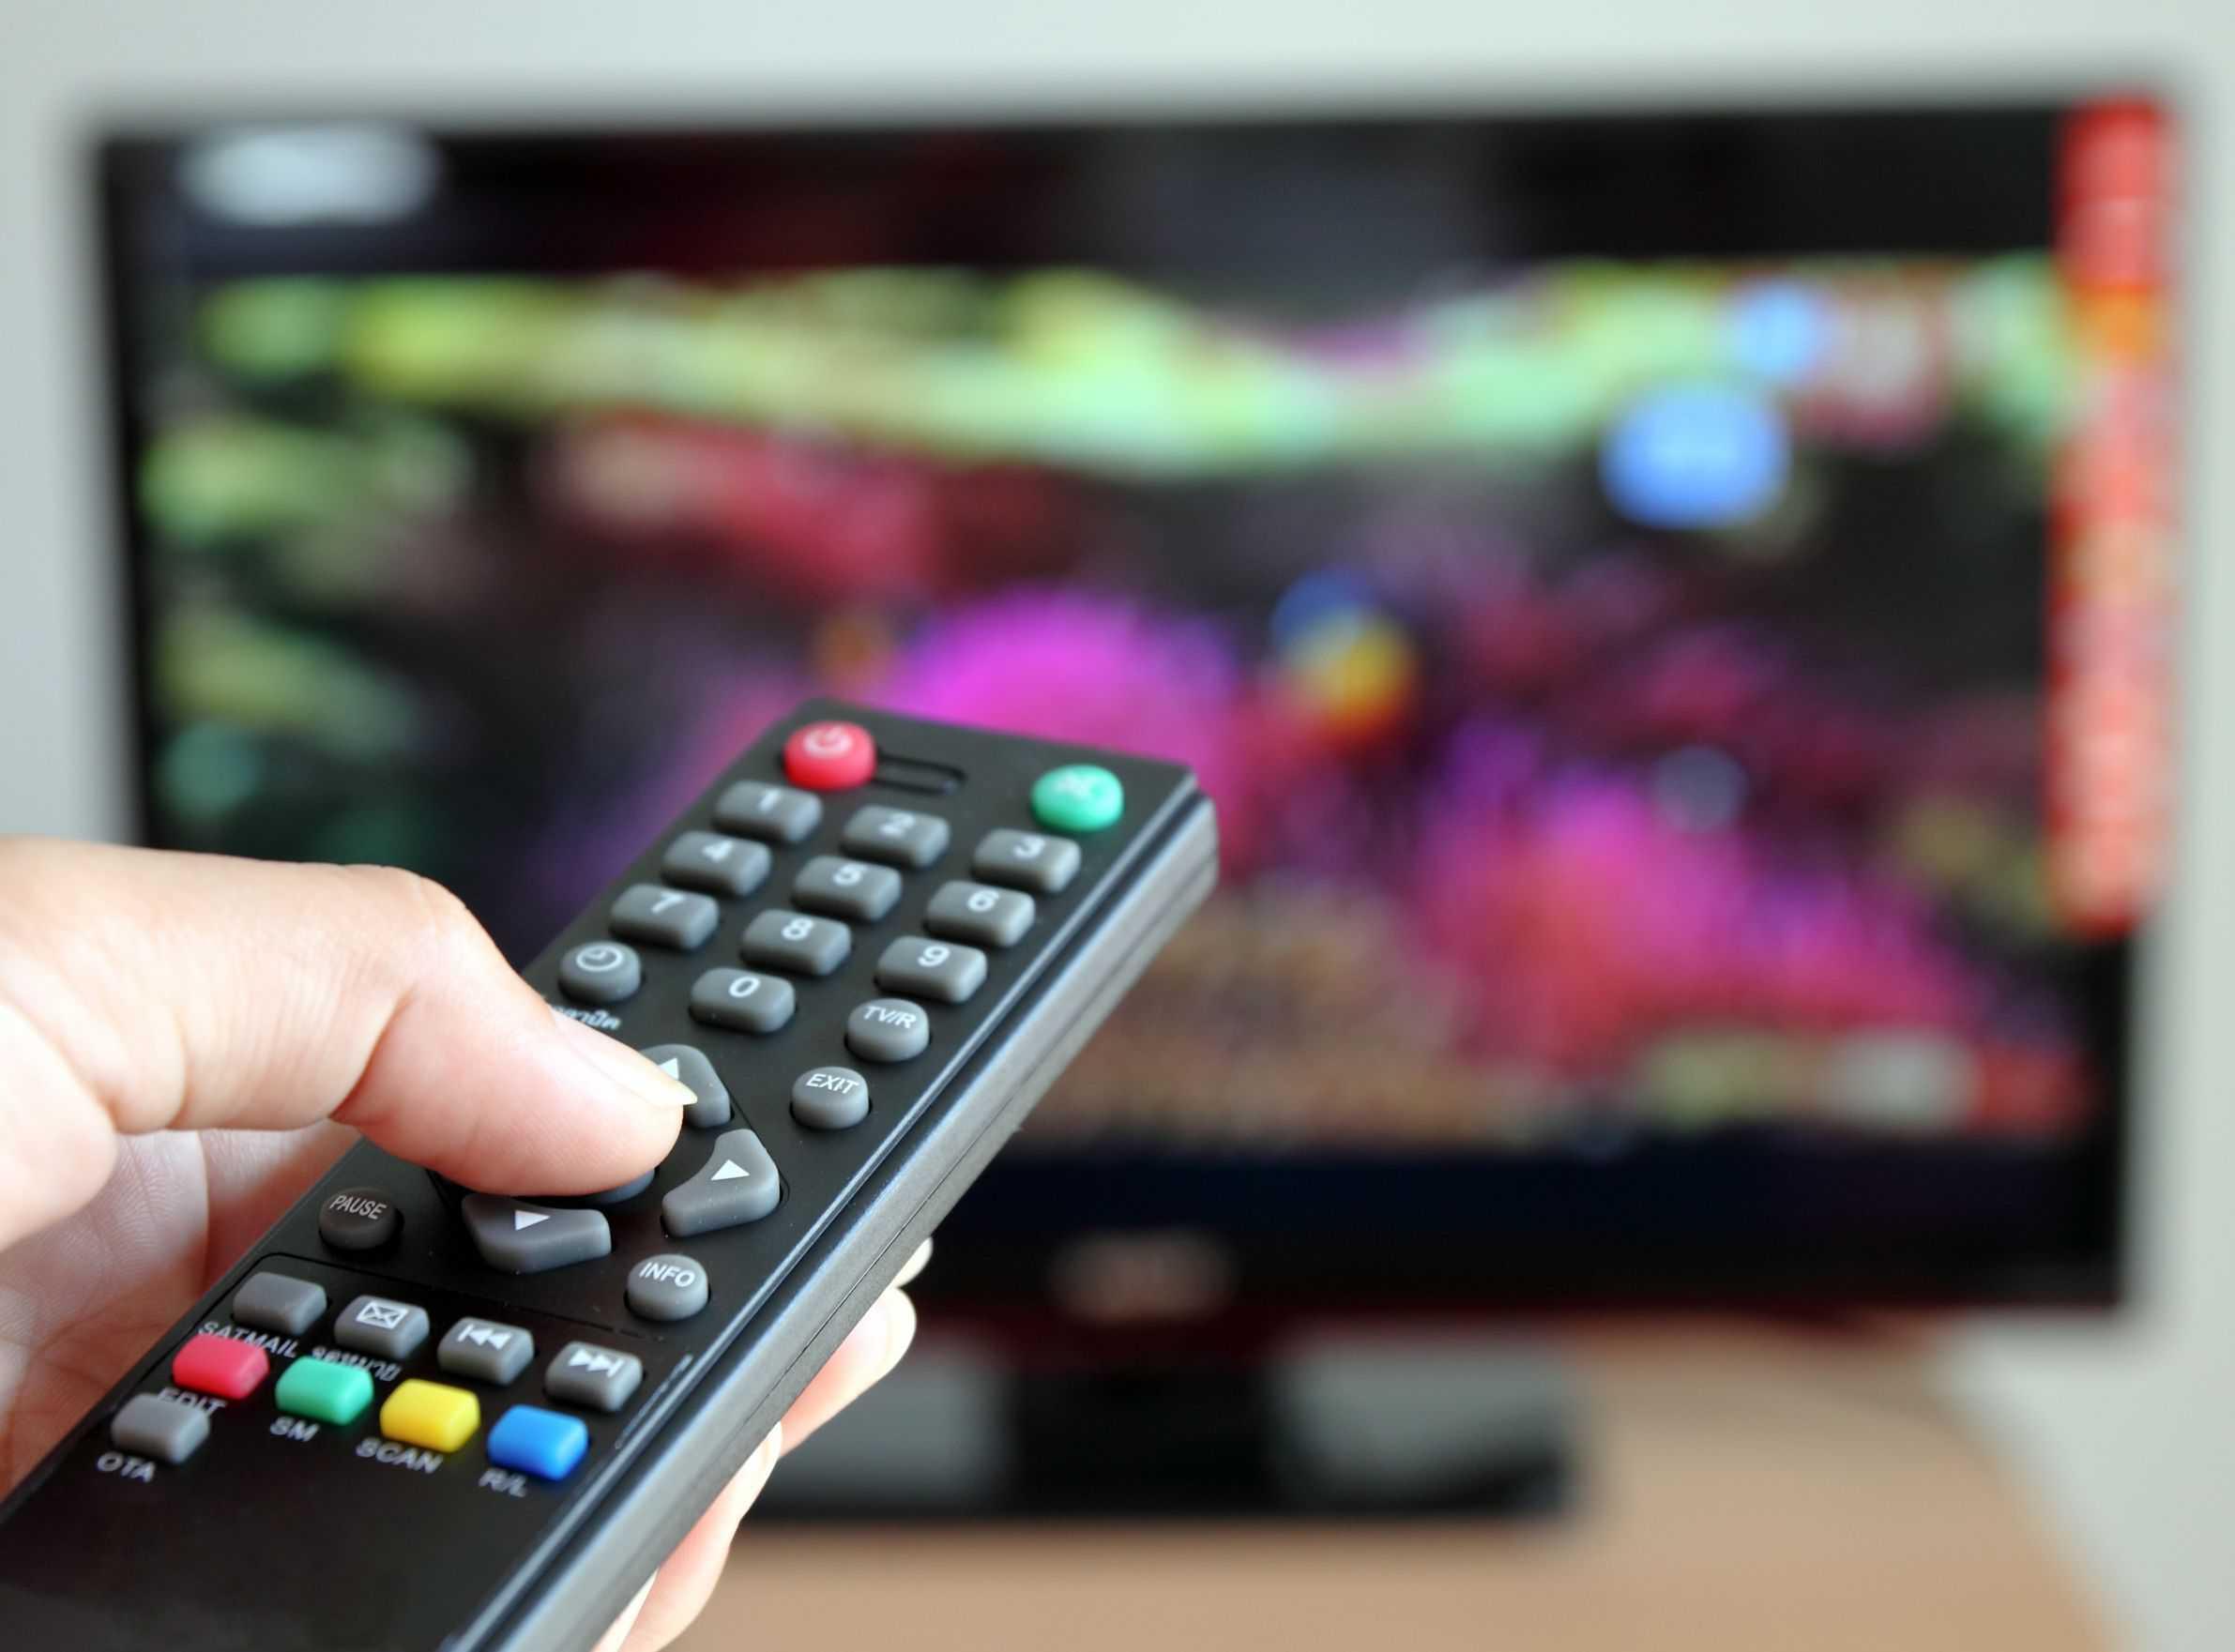 75 Zoll Fernseher: Test & Empfehlungen (08/20)